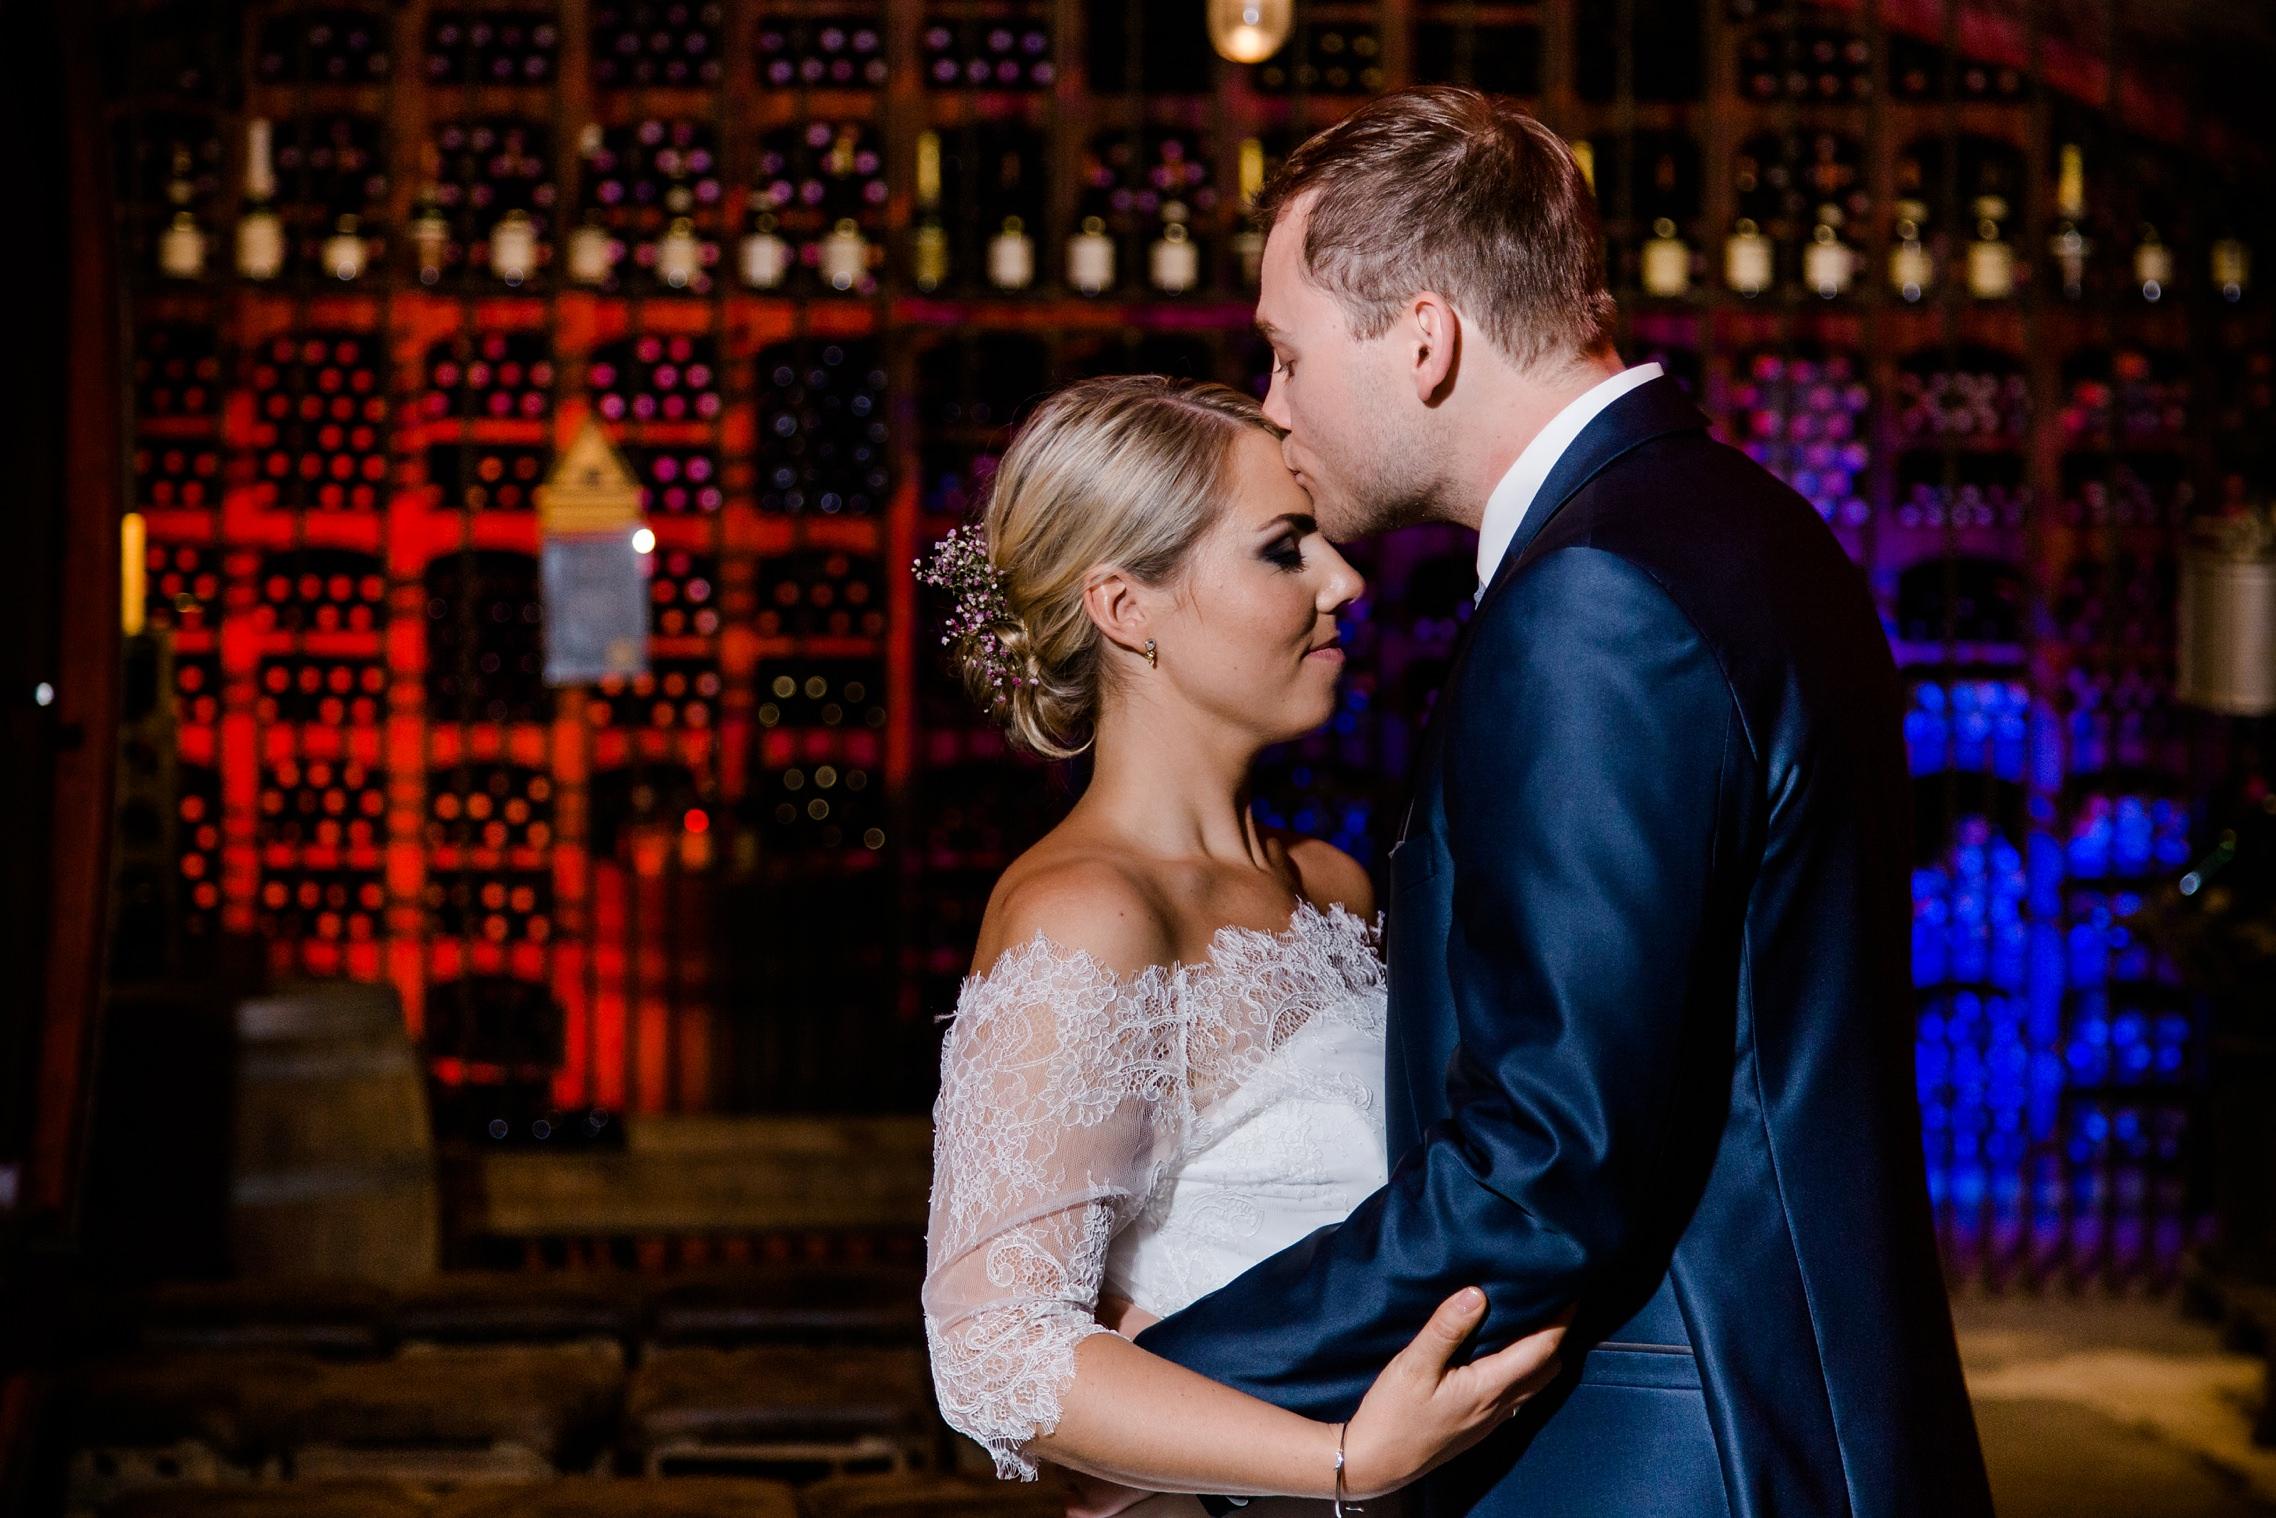 Romantisches Brautpaar-Shooting im Keller des Weingutes Fitz-Ritter in Bad Dürkheim. Der Bräutigam küsst seine Frau zärtlich auf die Stirn.